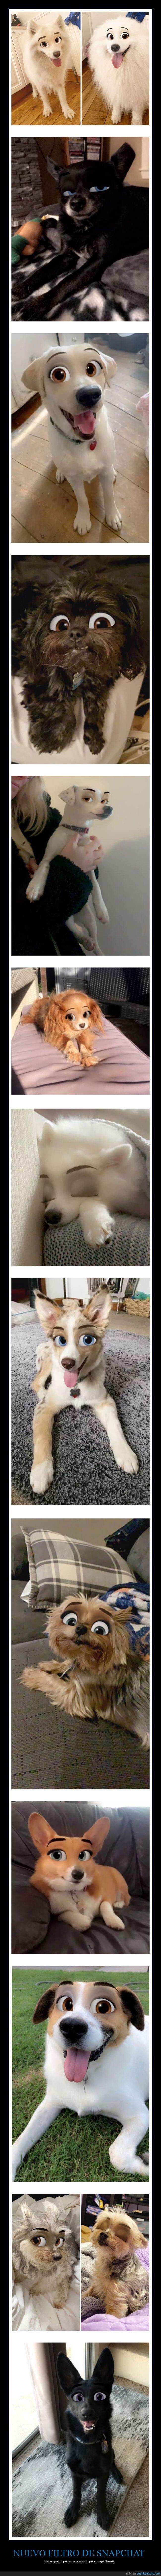 disney,filtro,perros,snapchat